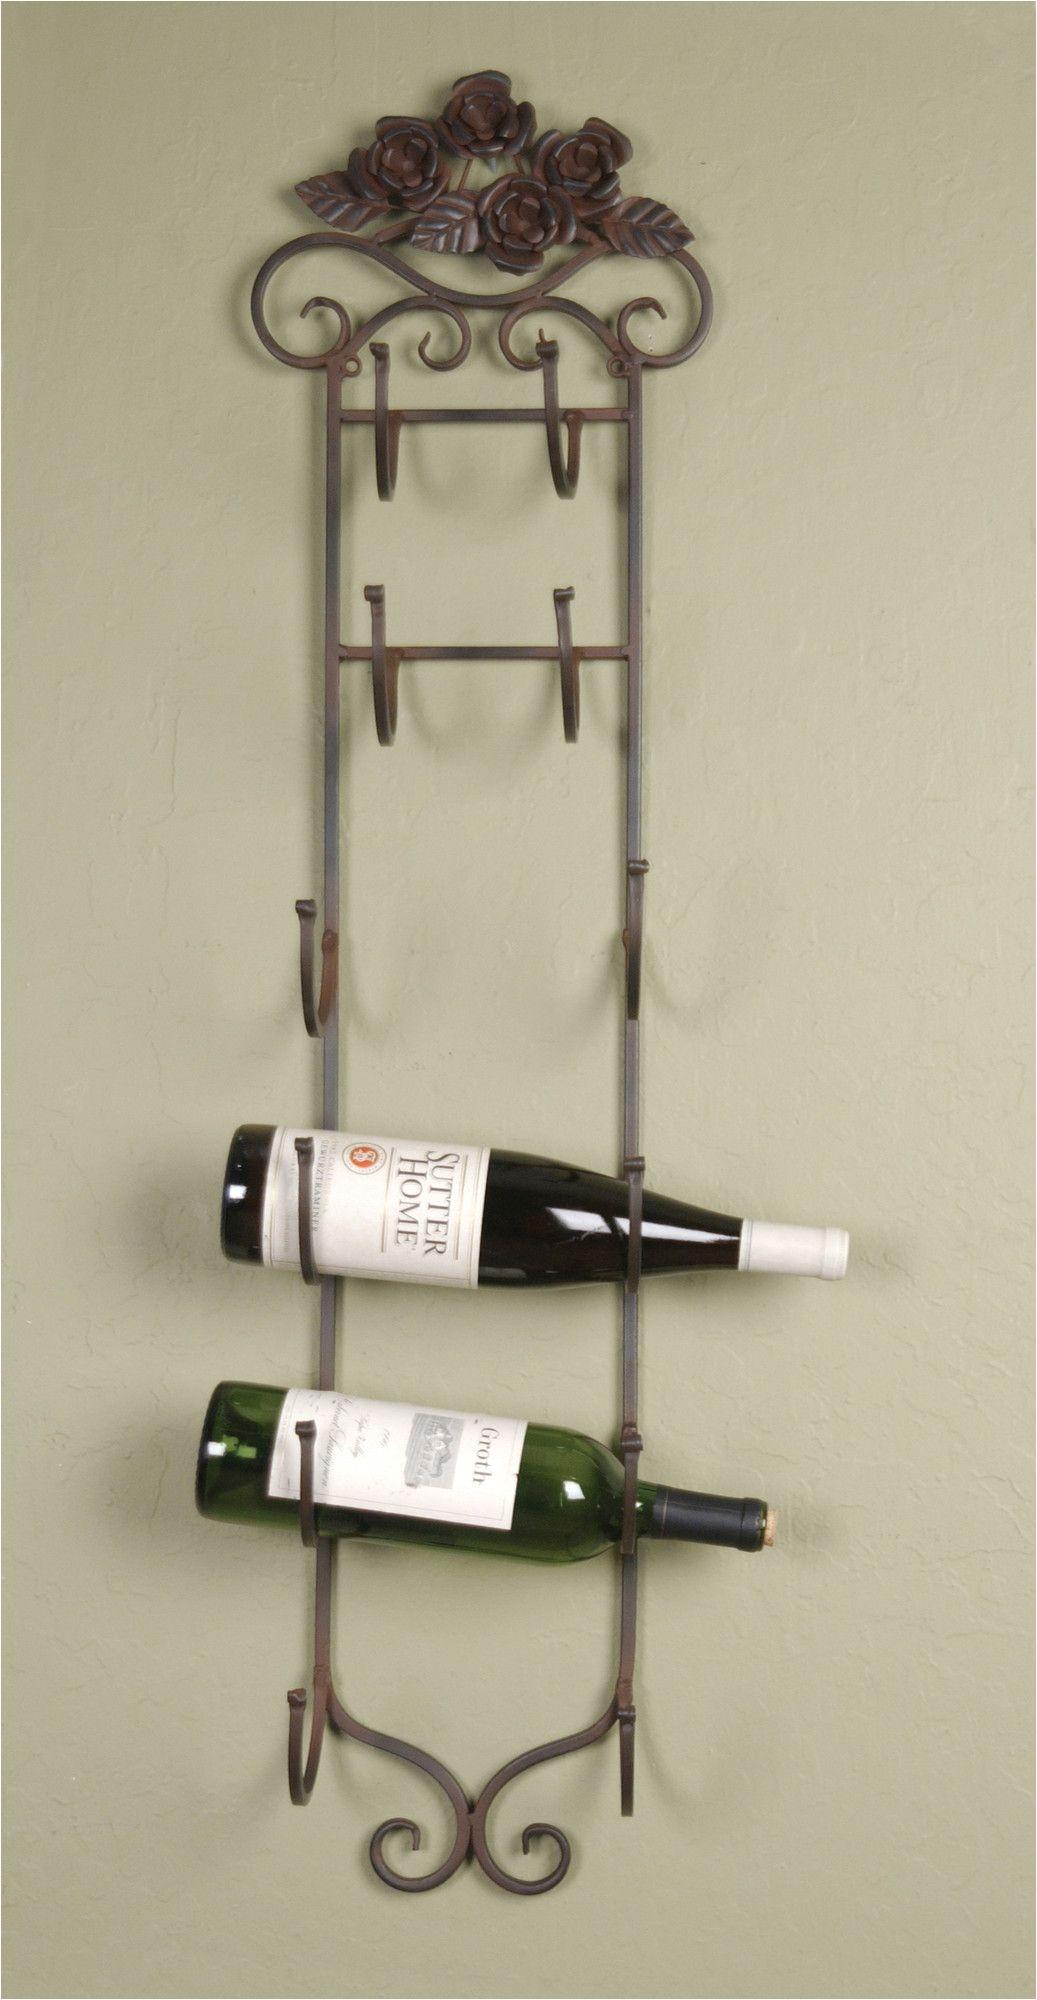 Pictures Of Wine Racks Wilco 6 Bottle Wall Mount Wine Rack Reviews Wayfair Kitchen